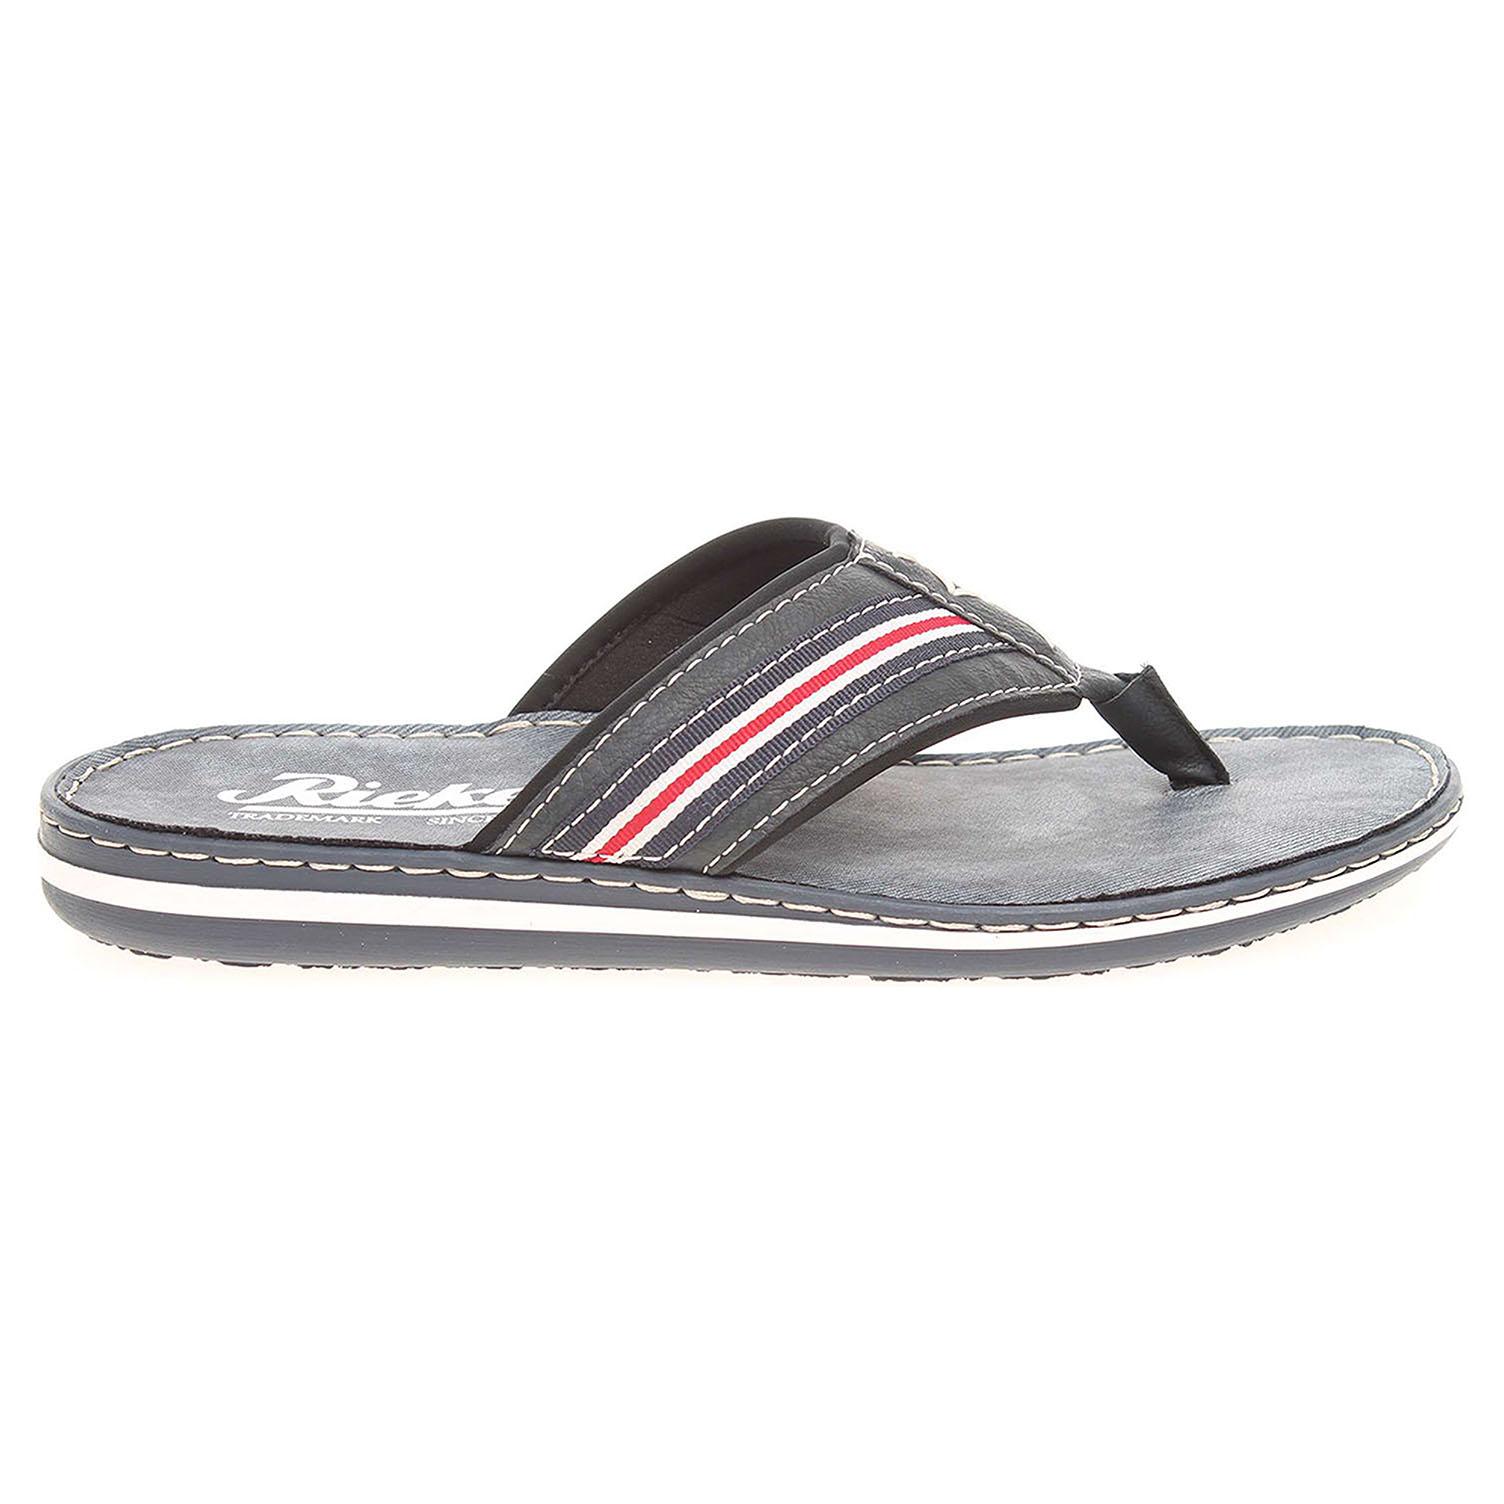 Rieker pánské pantofle 21081-14 modré 40